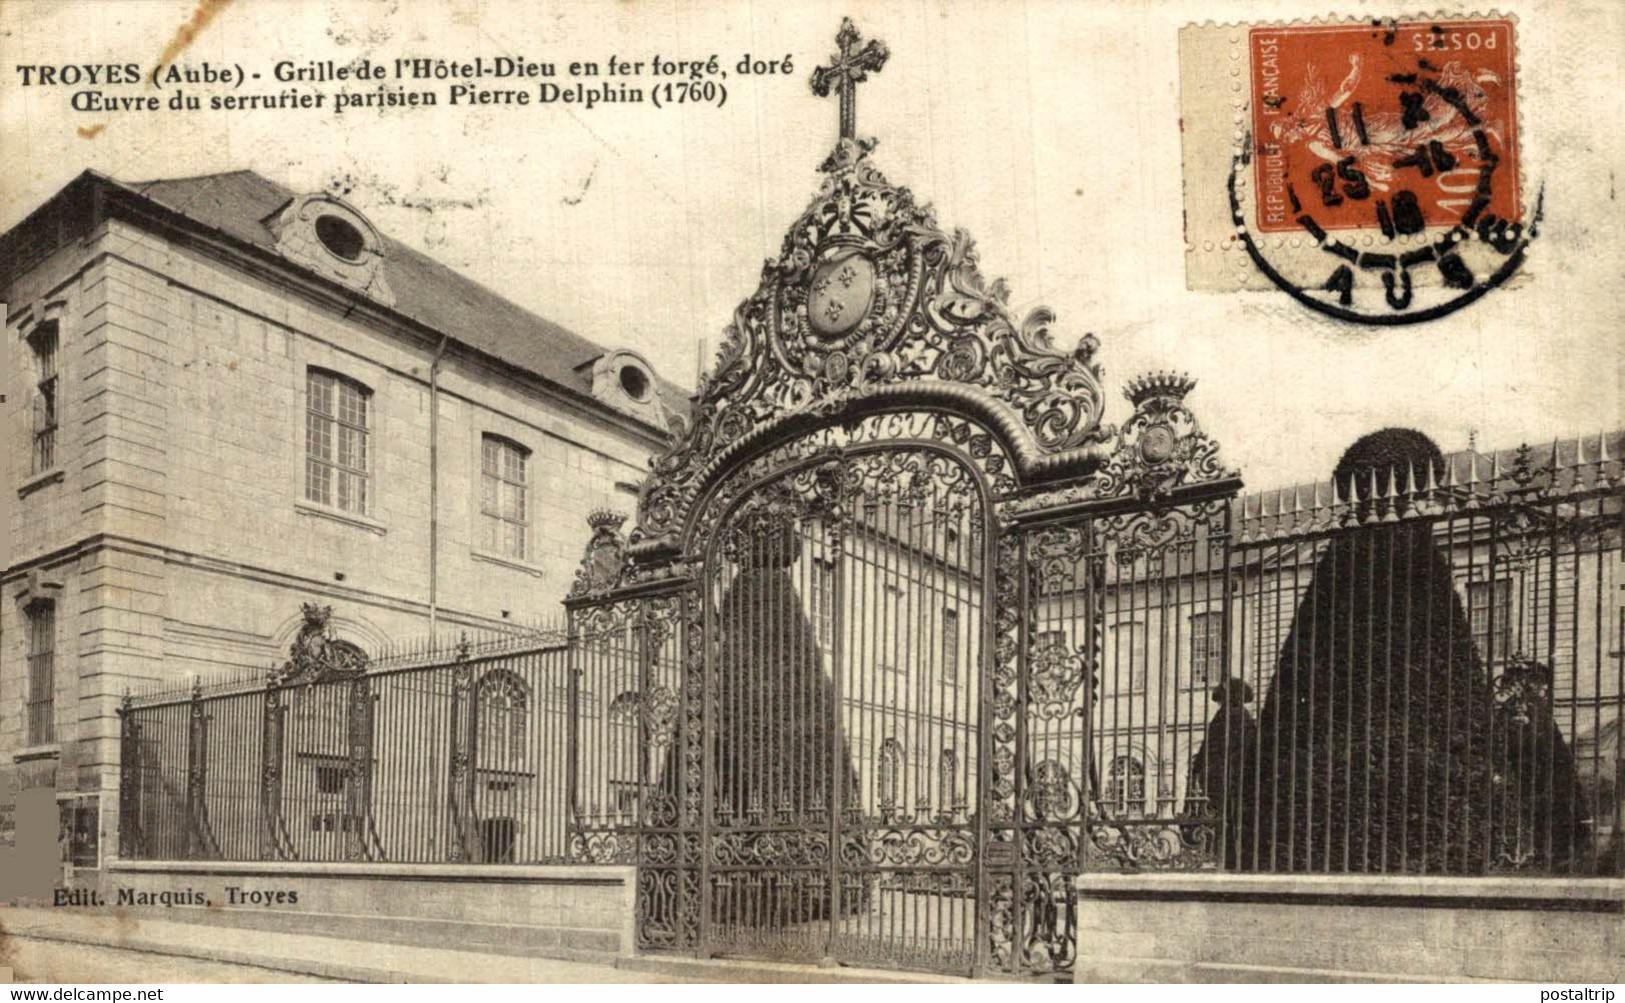 Troyes Grille De L'Hotel Dieu En Fer Forgè Doré OEuvre Du Serrurier Parisien Pierre D. 10Aube France Frankrijk Francia - Troyes